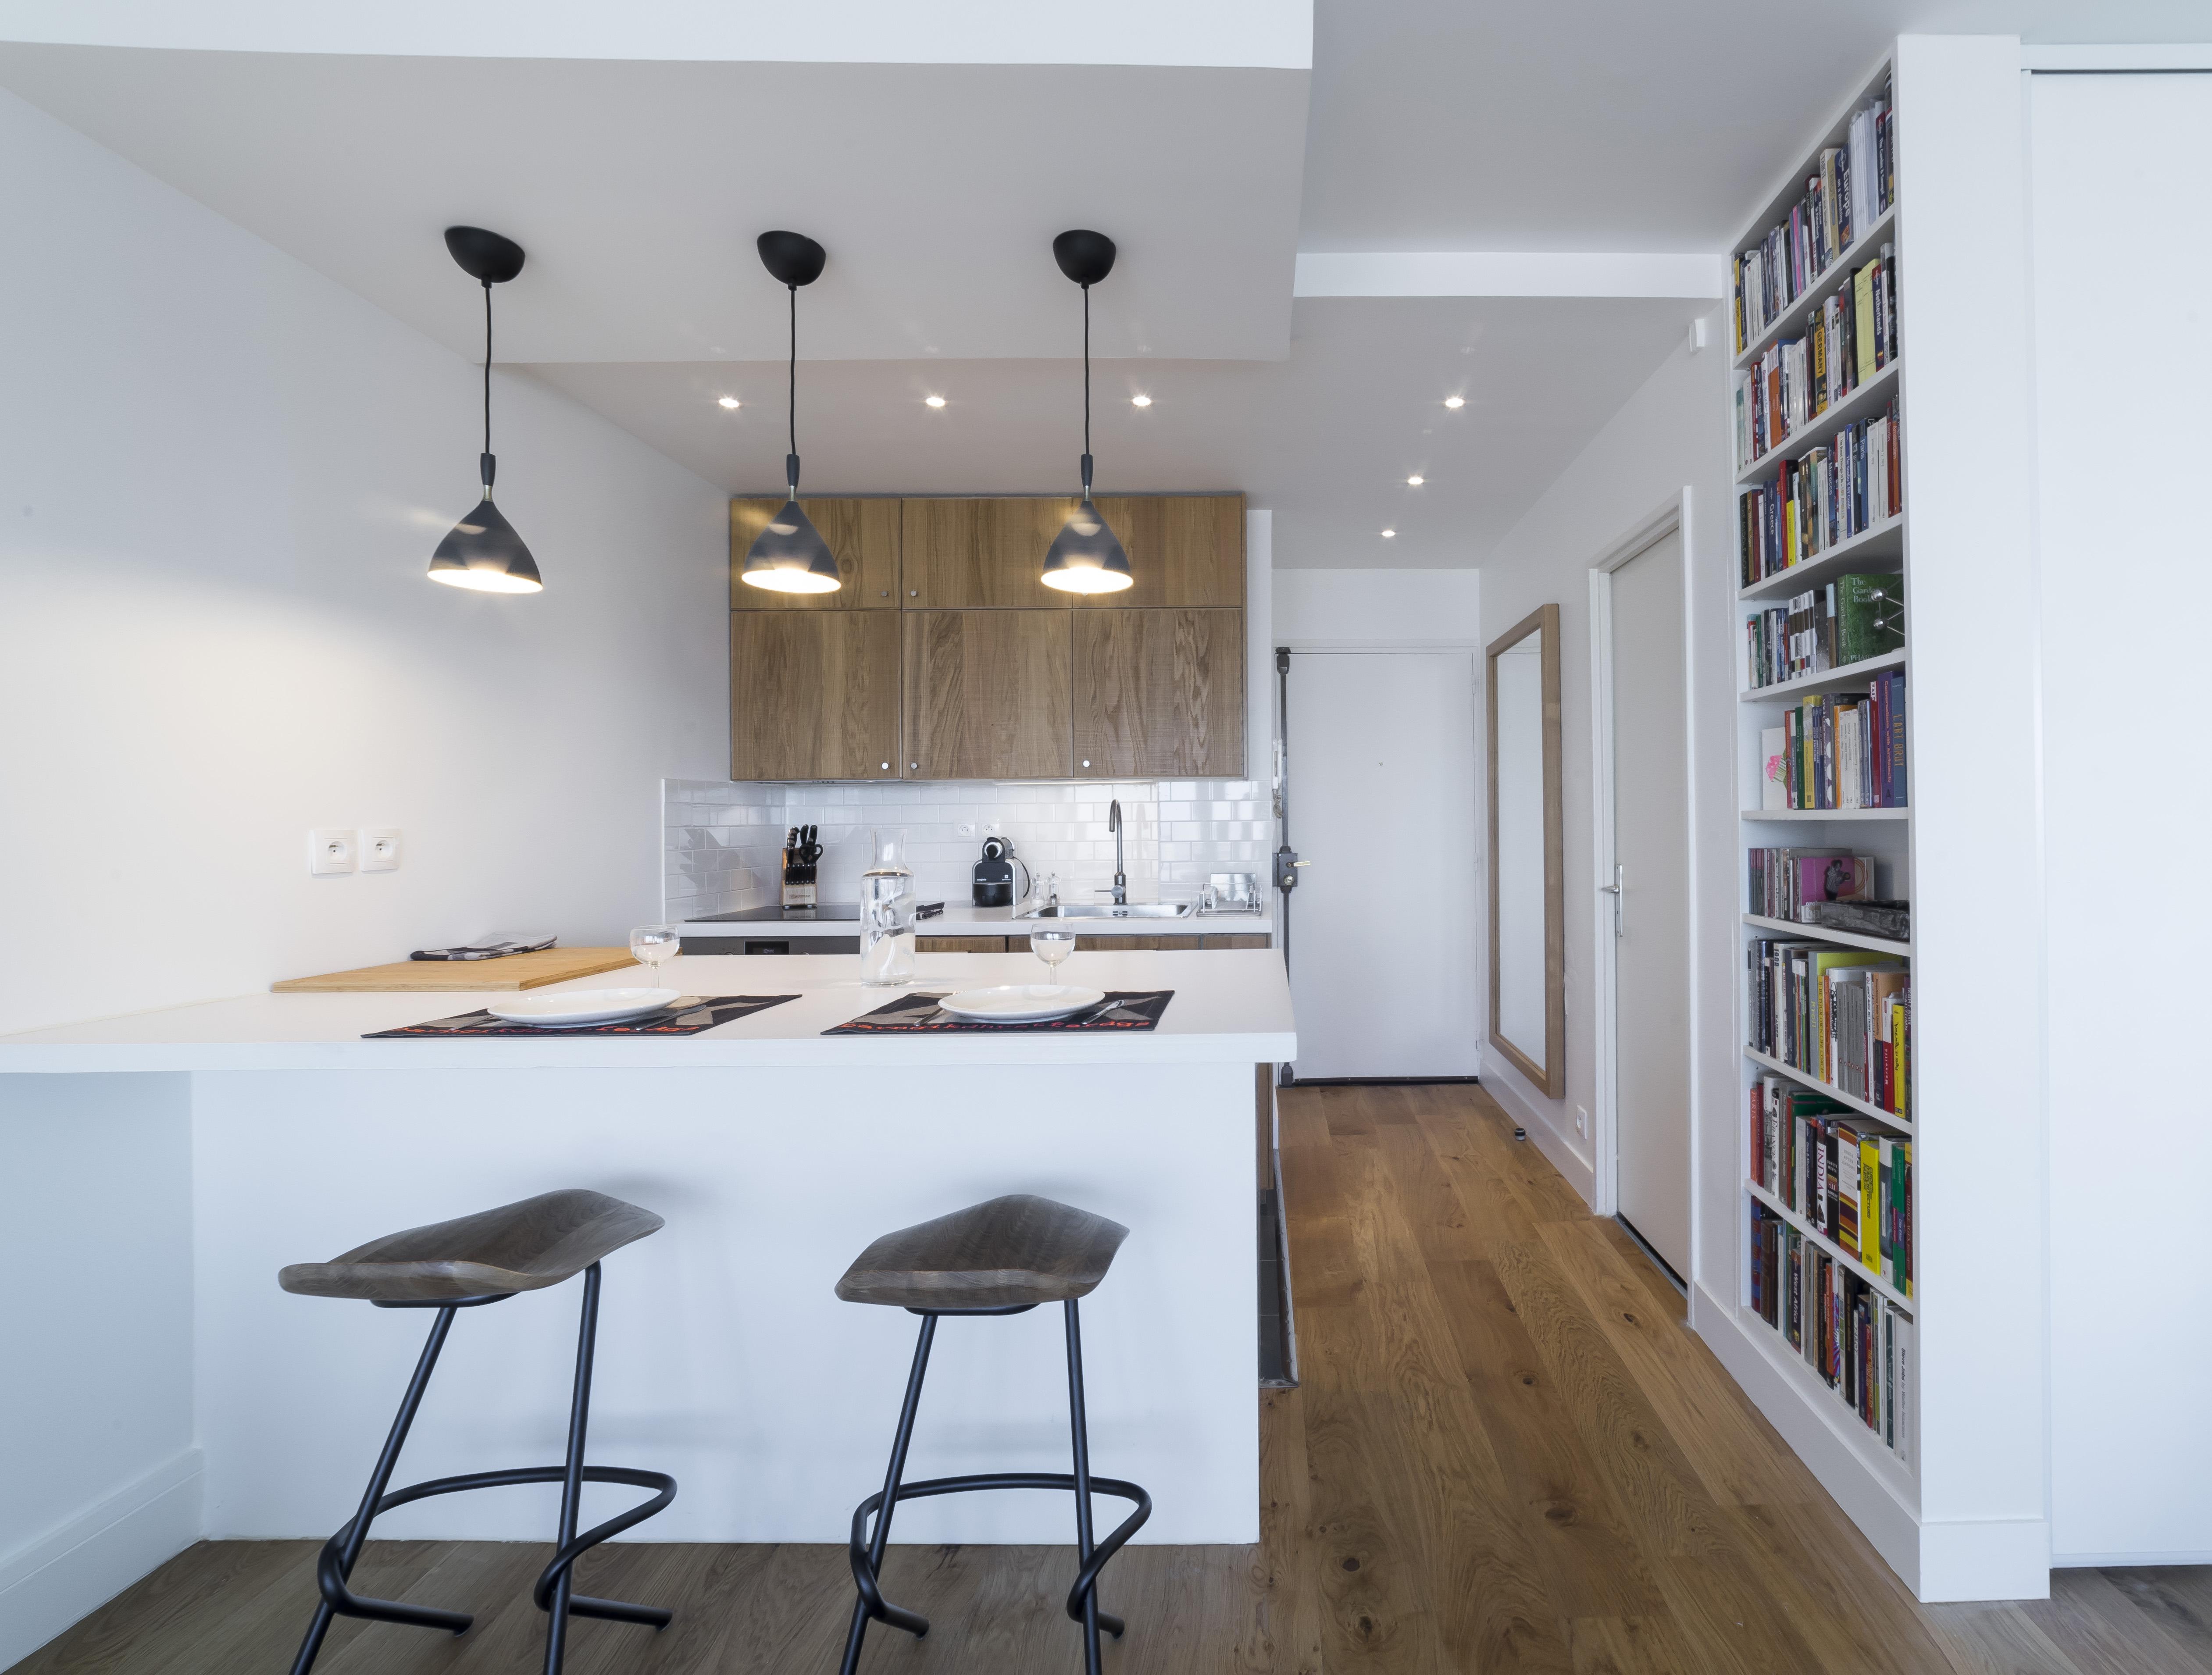 l'entrée, cuisine, bibliothèque